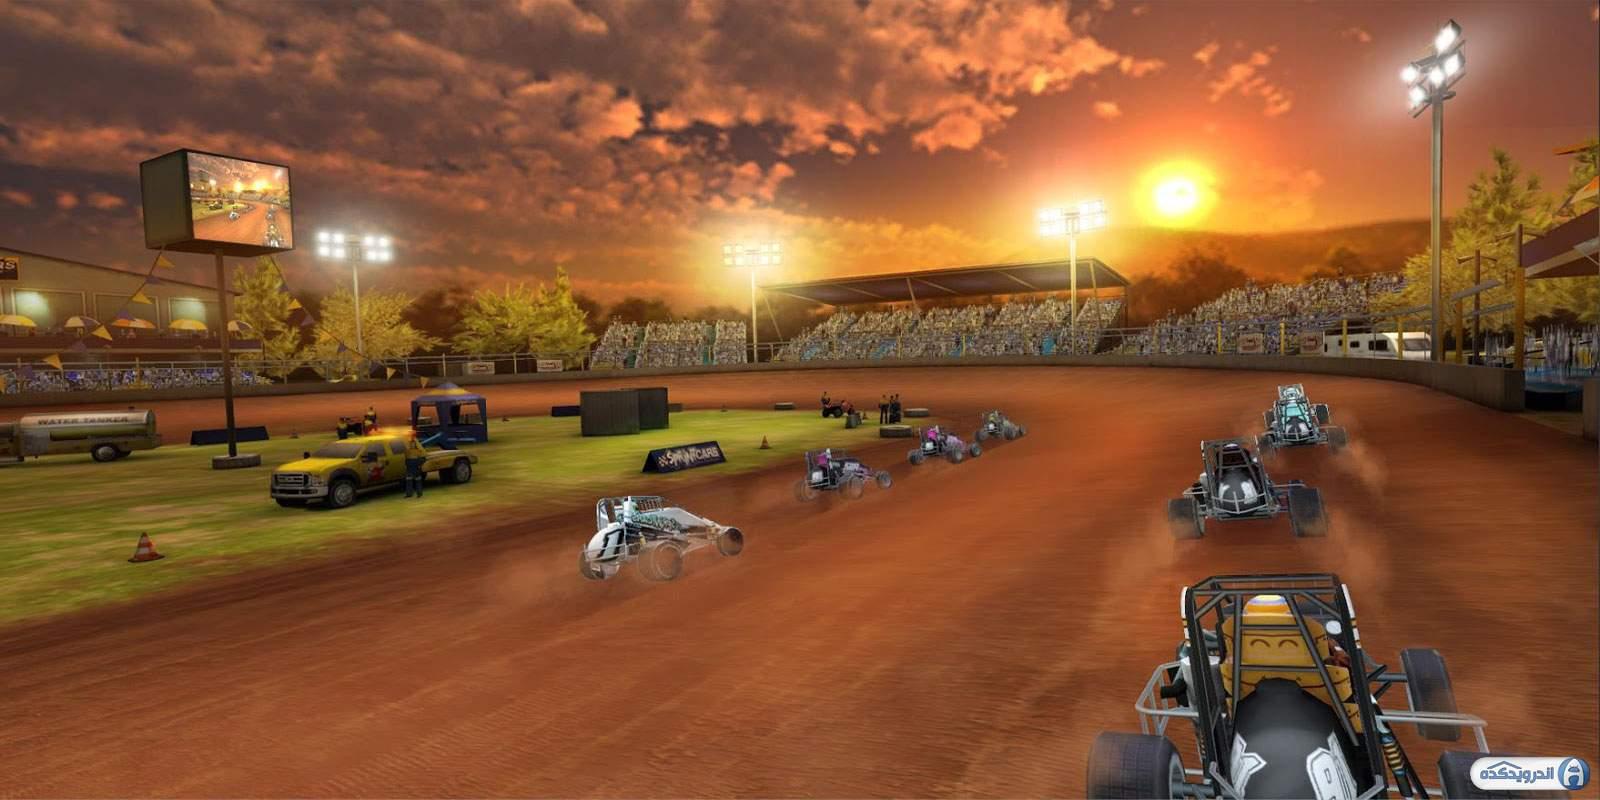 دانلود Dirt Trackin Sprint Cars 3.4.0 بازی ماشین های سرعتی کثیف اندروید + دیتا